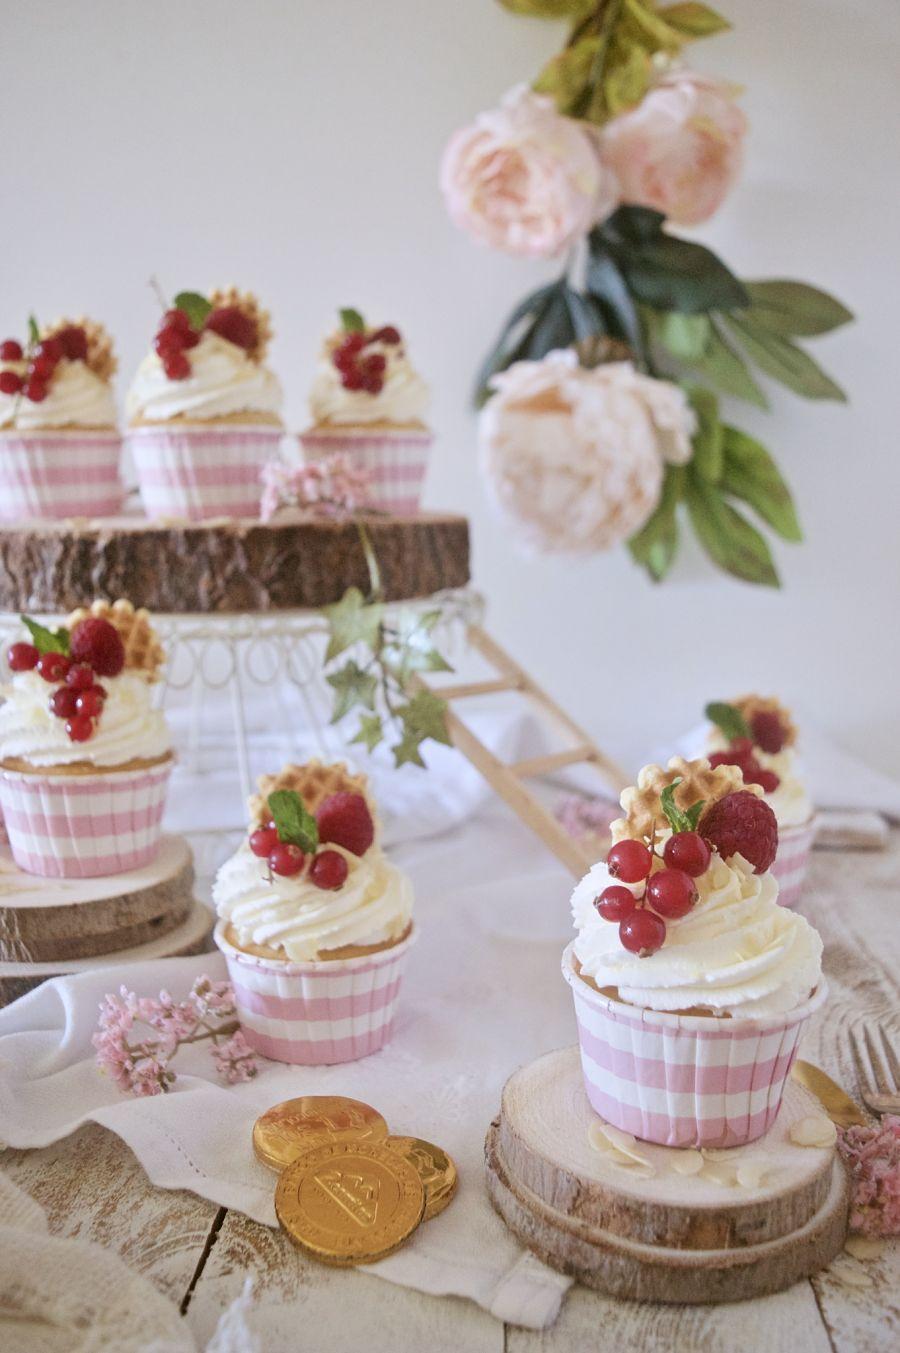 Cupcakes de almendra y amaretto con crema de mascarpone